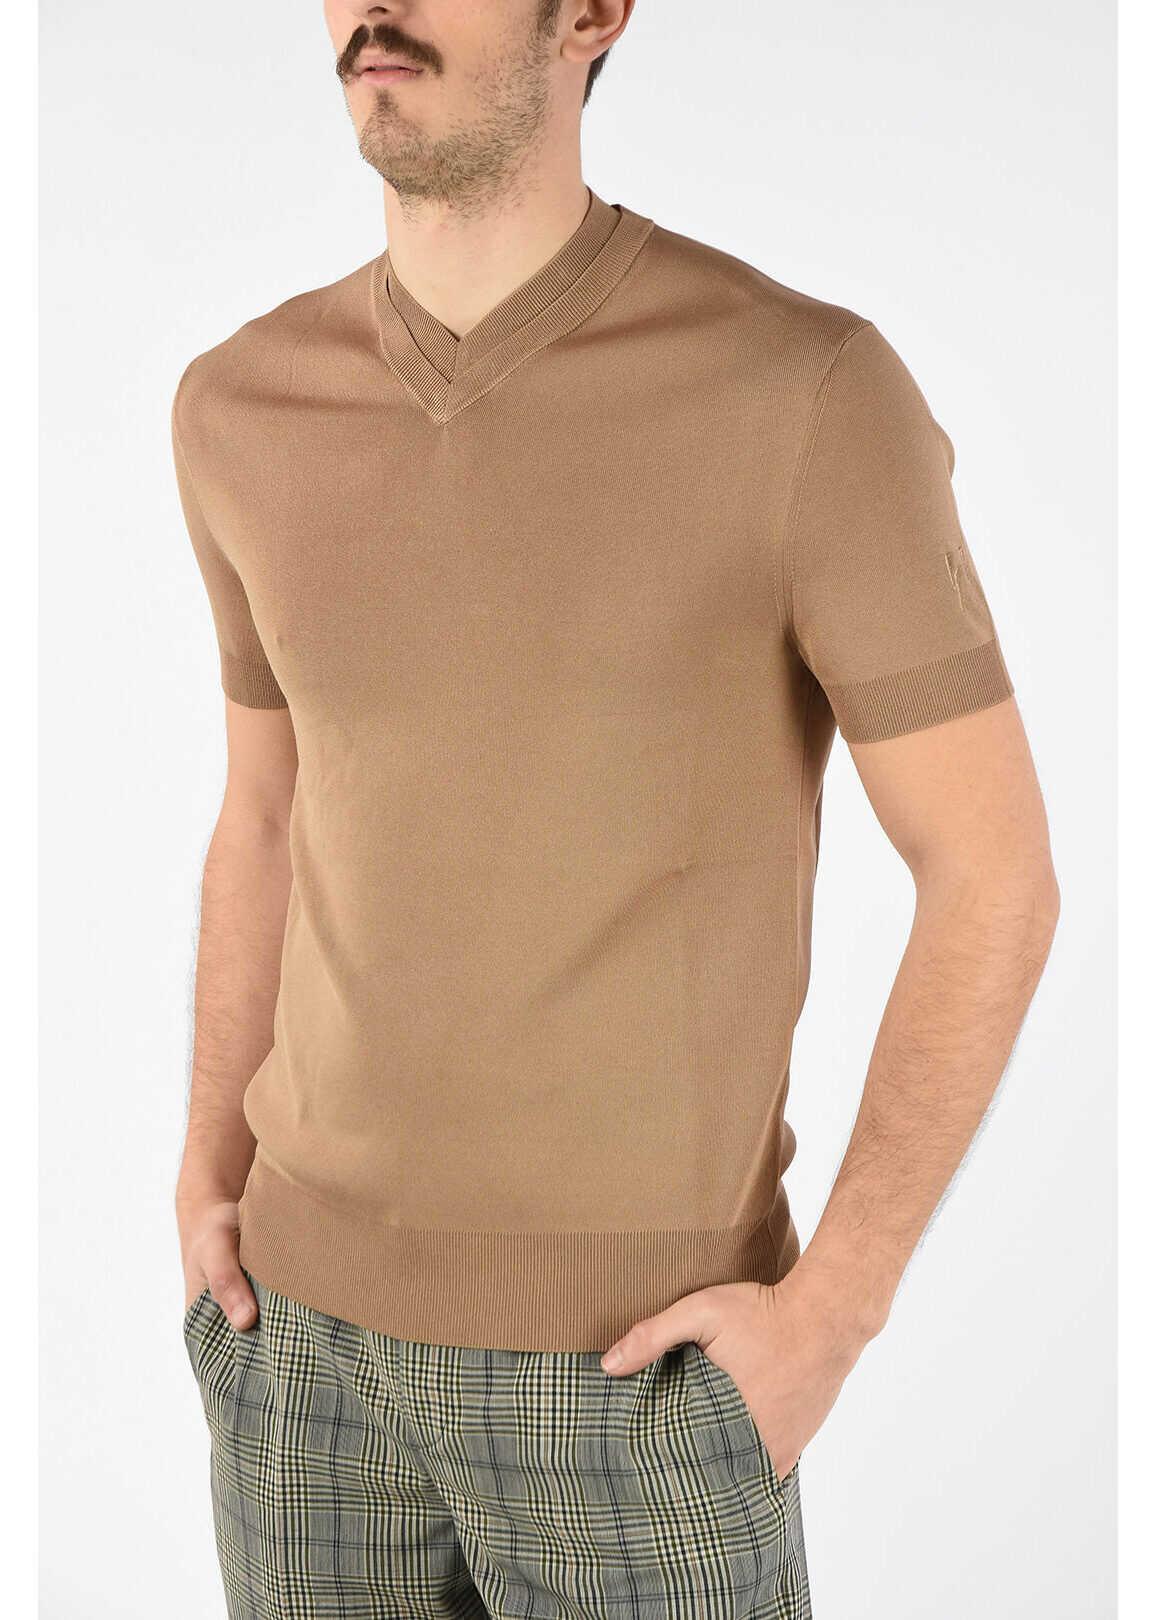 Neil Barrett Short Sleeve V Neck Slim Fit Sweater BEIGE imagine